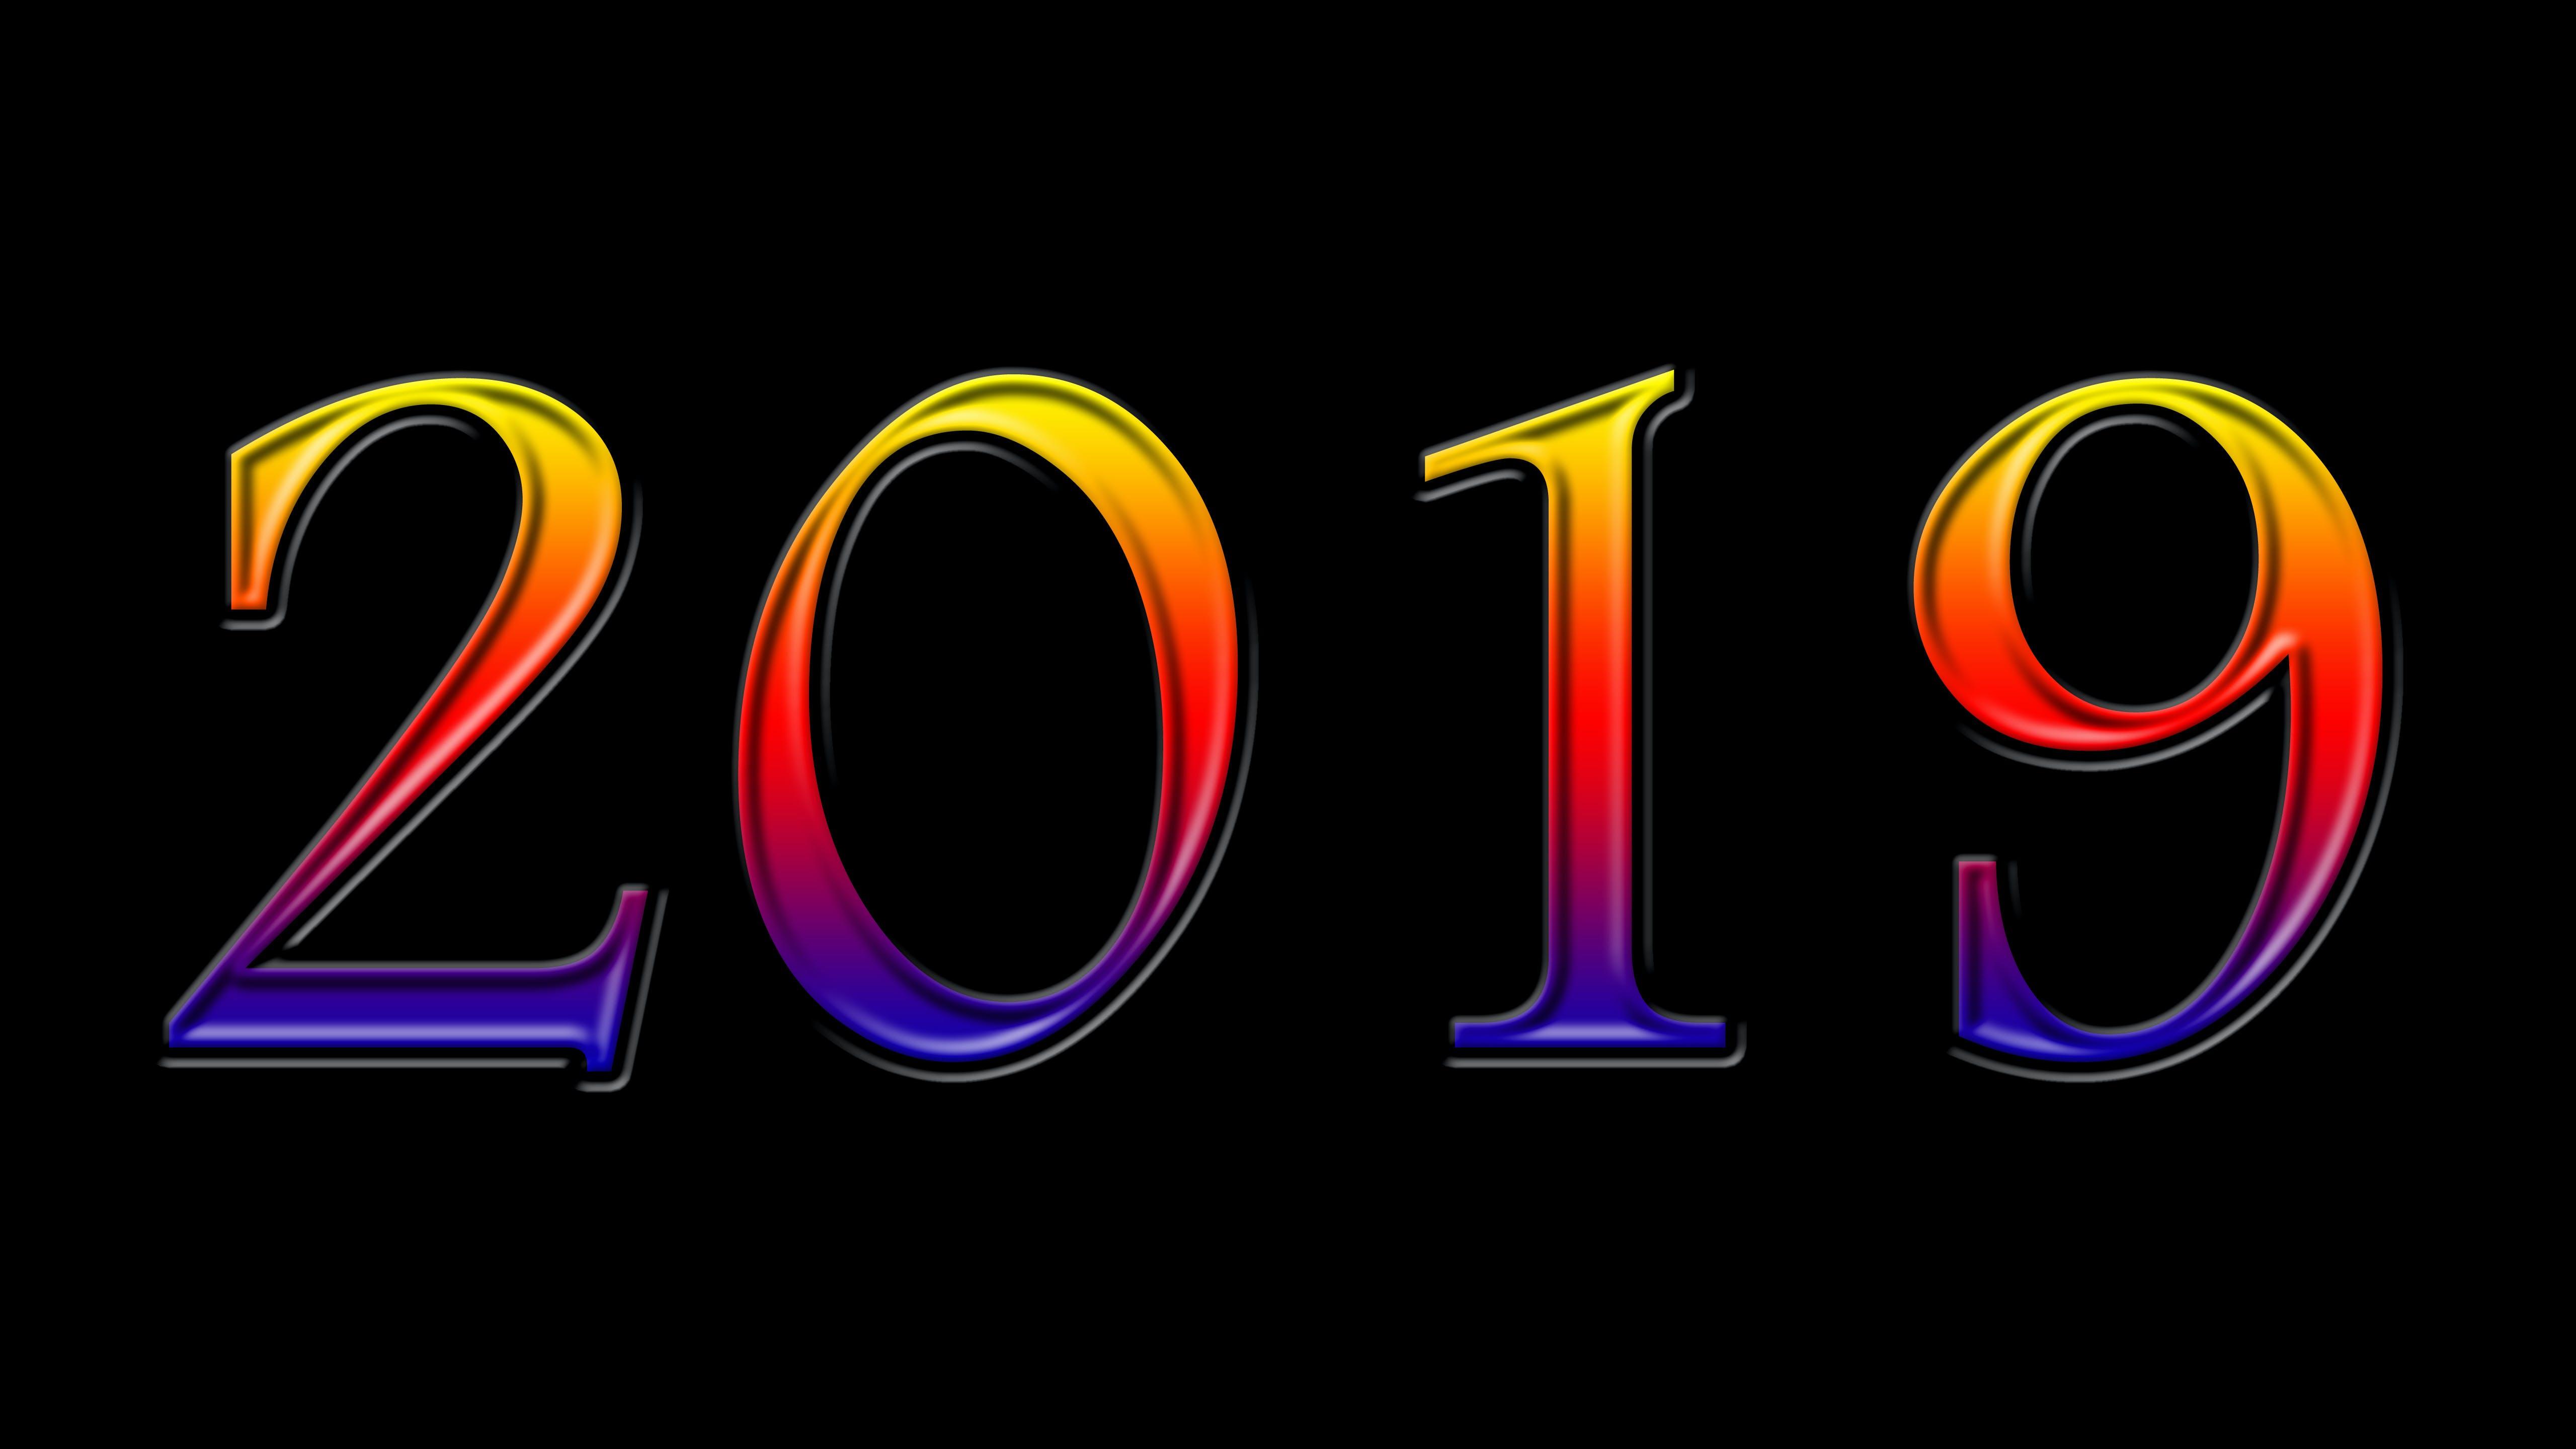 Kostenloses Stock Foto zu neujahr, sylvester